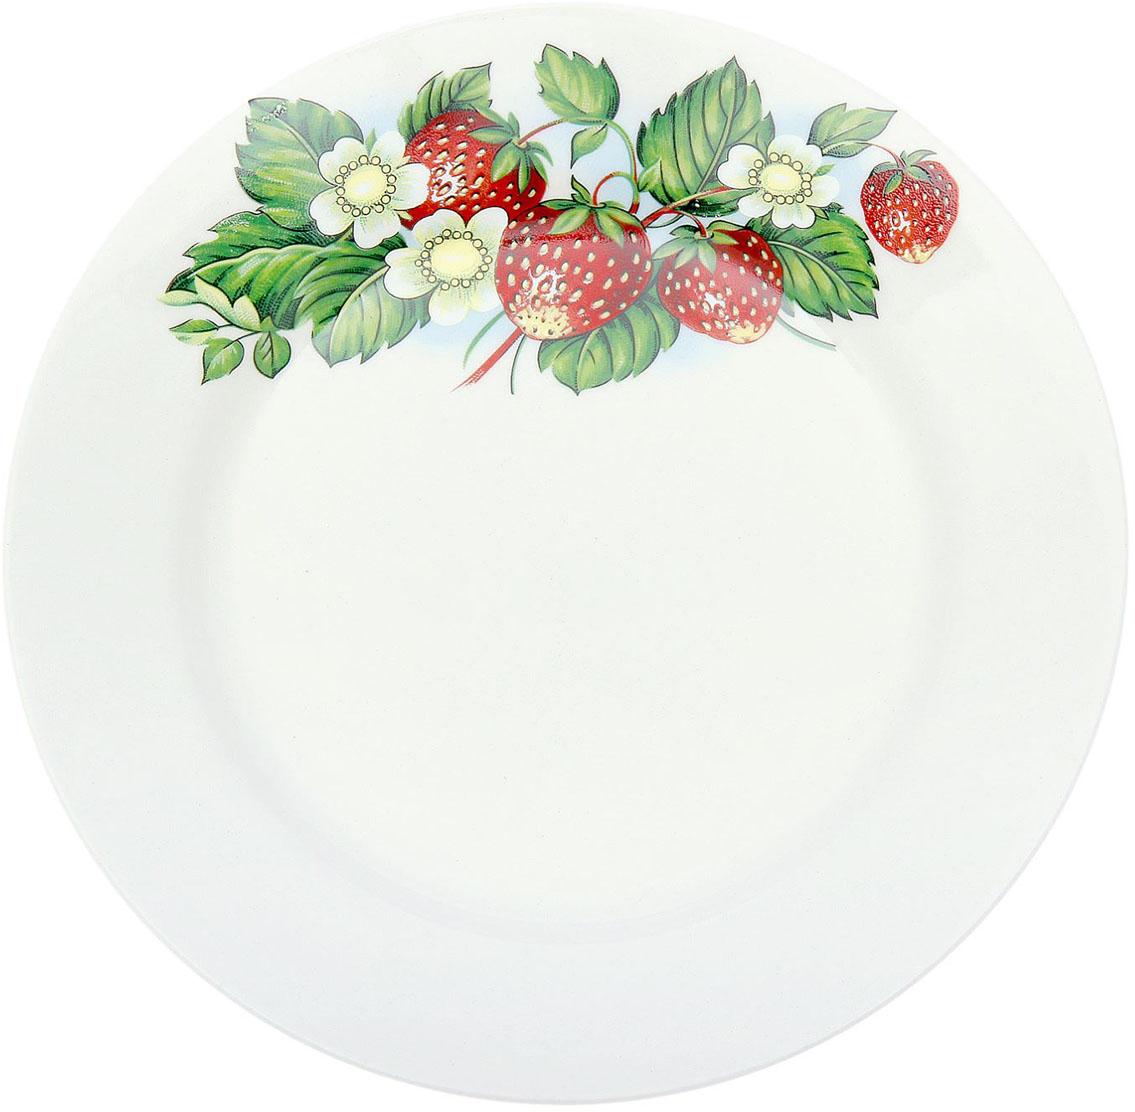 Тарелка мелкая Керамика ручной работы Земляника, диаметр 17,5 см1933093Данная тарелка понравится любителям вкусной и полезной домашней пищи. Такая посуда практична и красива, в ней можно хранить и подавать разнообразные блюда. При многократном использовании изделие сохранит свой вид и выдержит мытье в посудомоечной машине. В керамической емкости горячая пища долго сохраняет свое тепло, остуженные блюда остаются прохладными. Изделие не выделяет вредных веществ при нагревании и длительном хранении за счет экологичности материала.